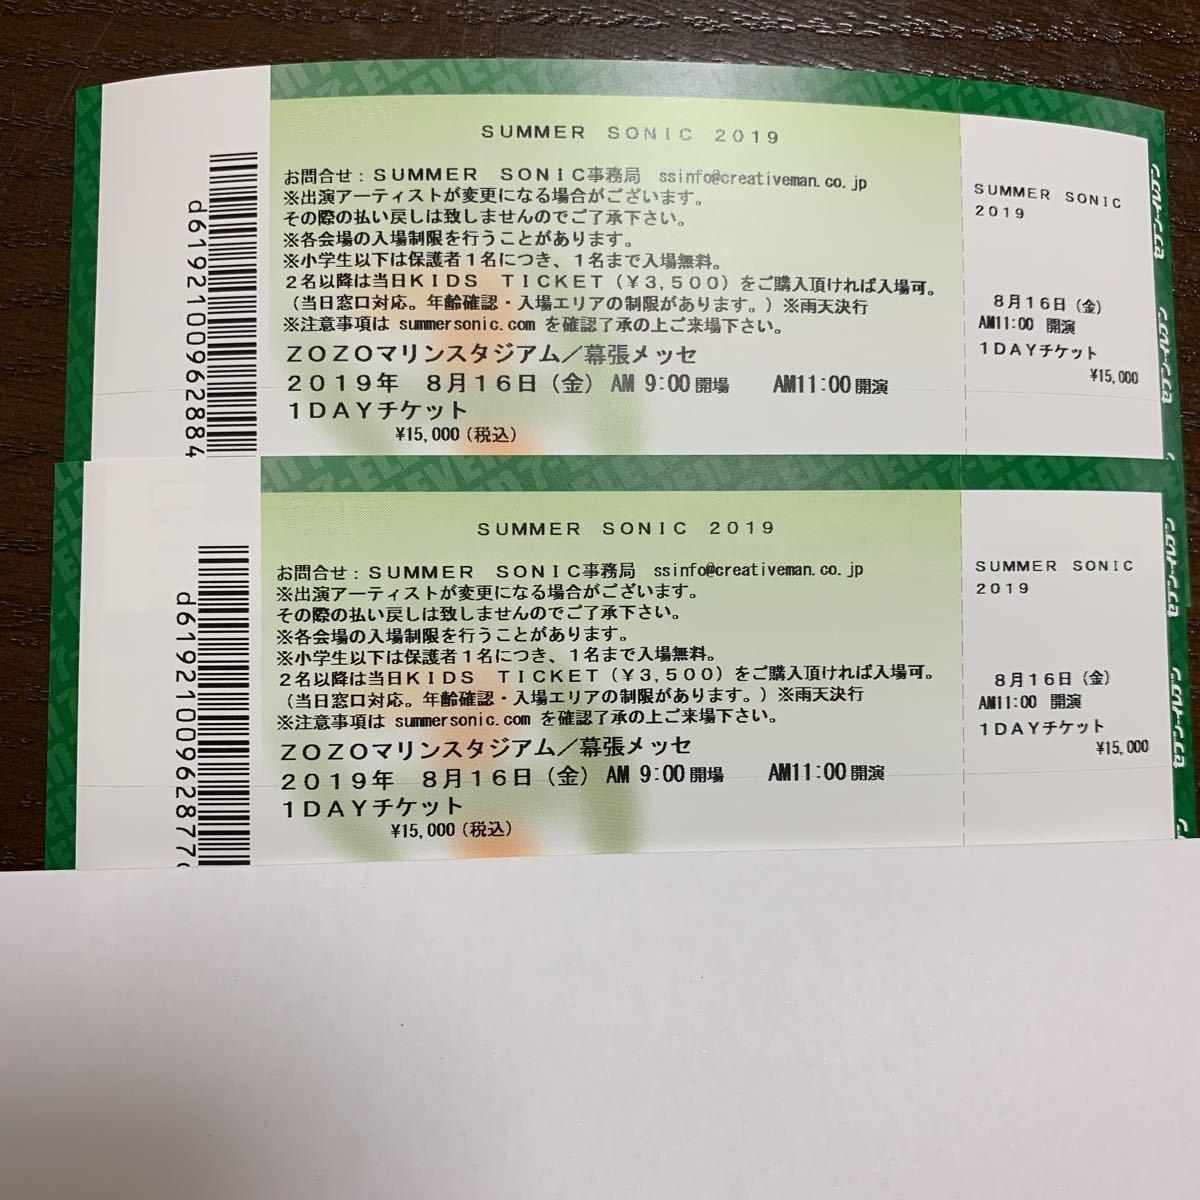 サマソニ 2019 サマーソニック チケット 8/16 東京 ペア SUMMER SONIC 1Dayチケット 2枚